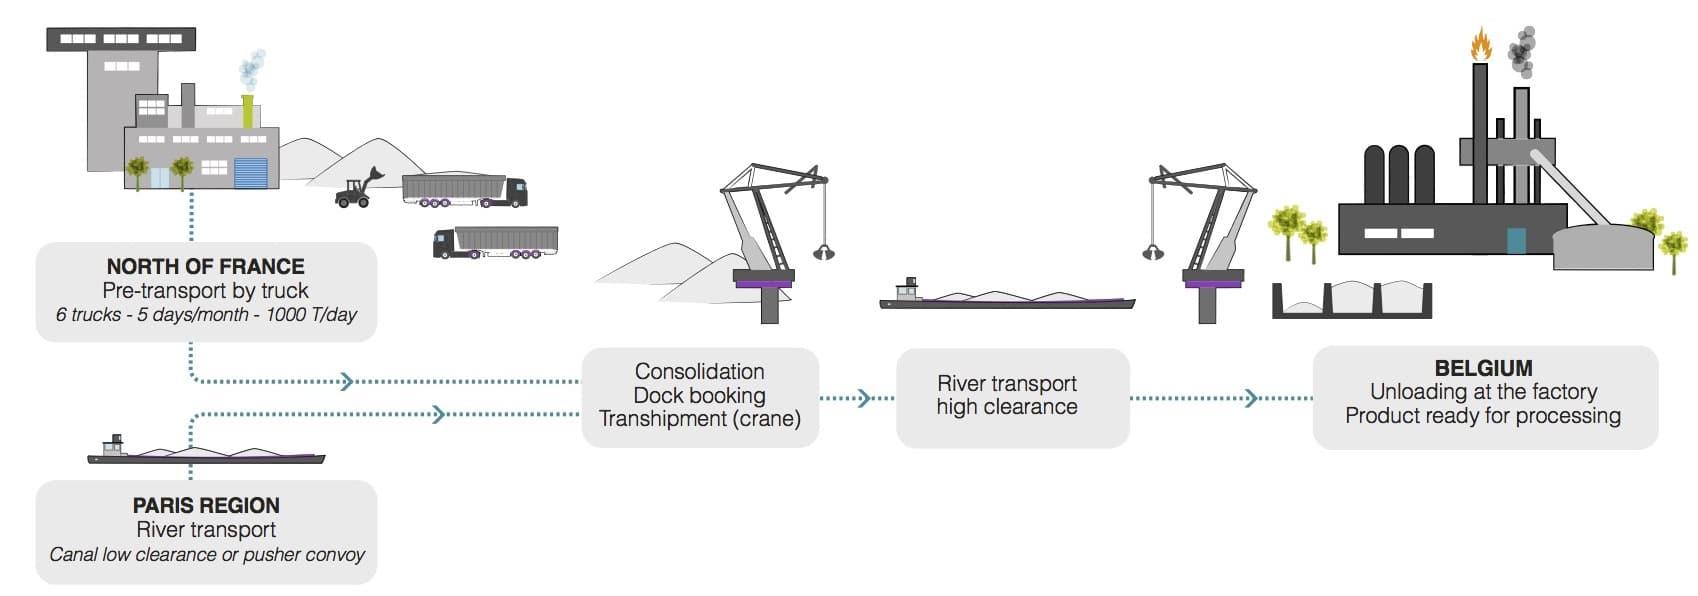 achievement - Rail Transport - Logways